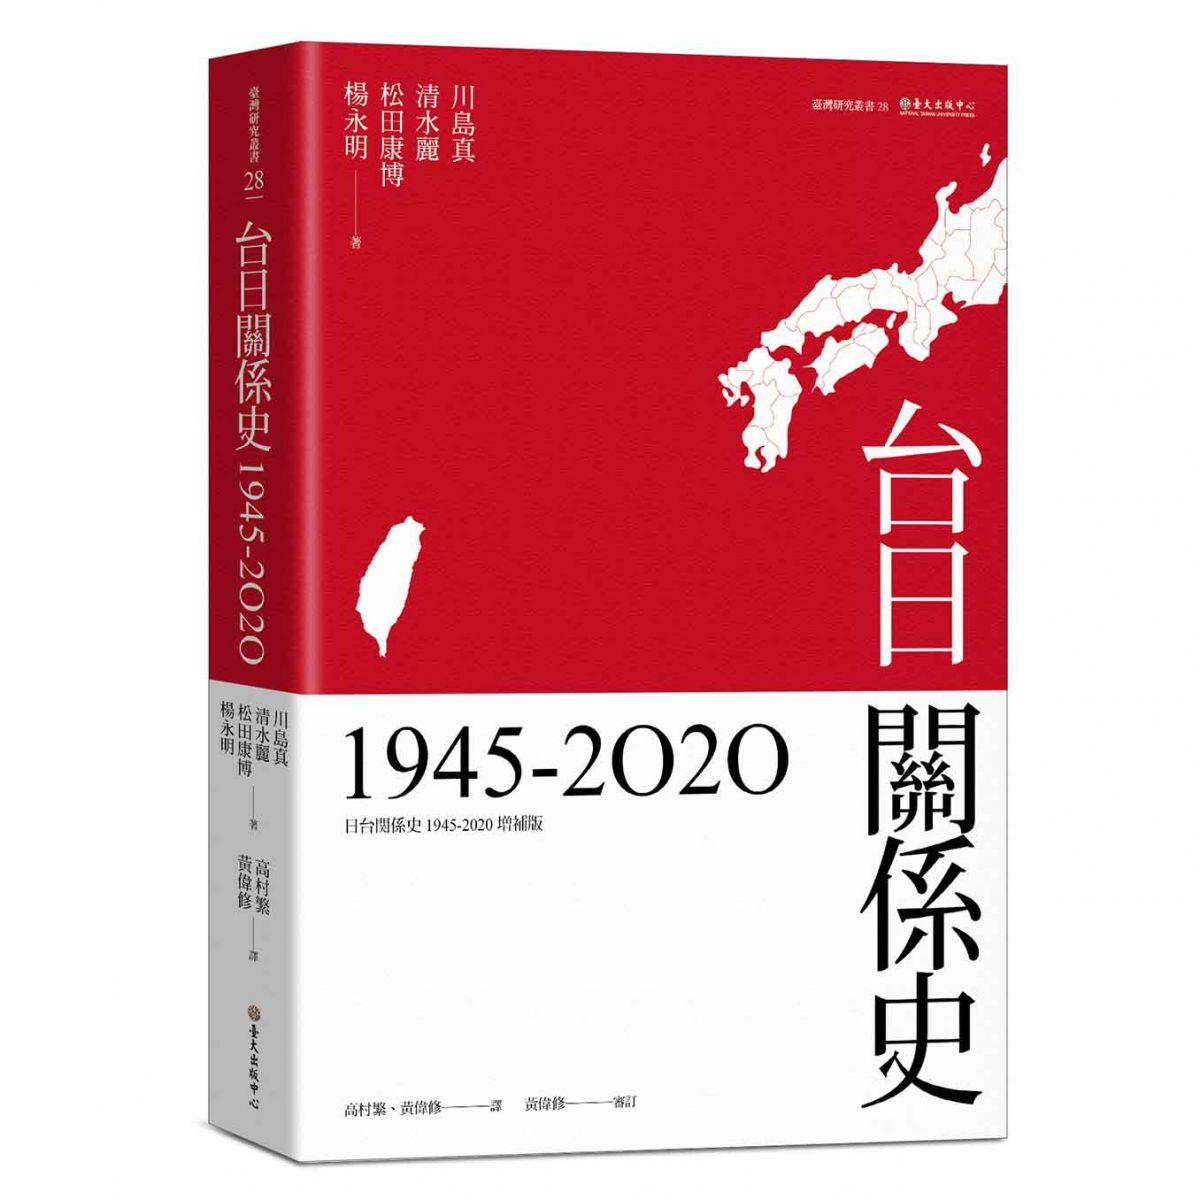 《台日關係史(1945-2020)》綜合性地闡明台日政治關係,是學界第一本以此為分析對象的專書